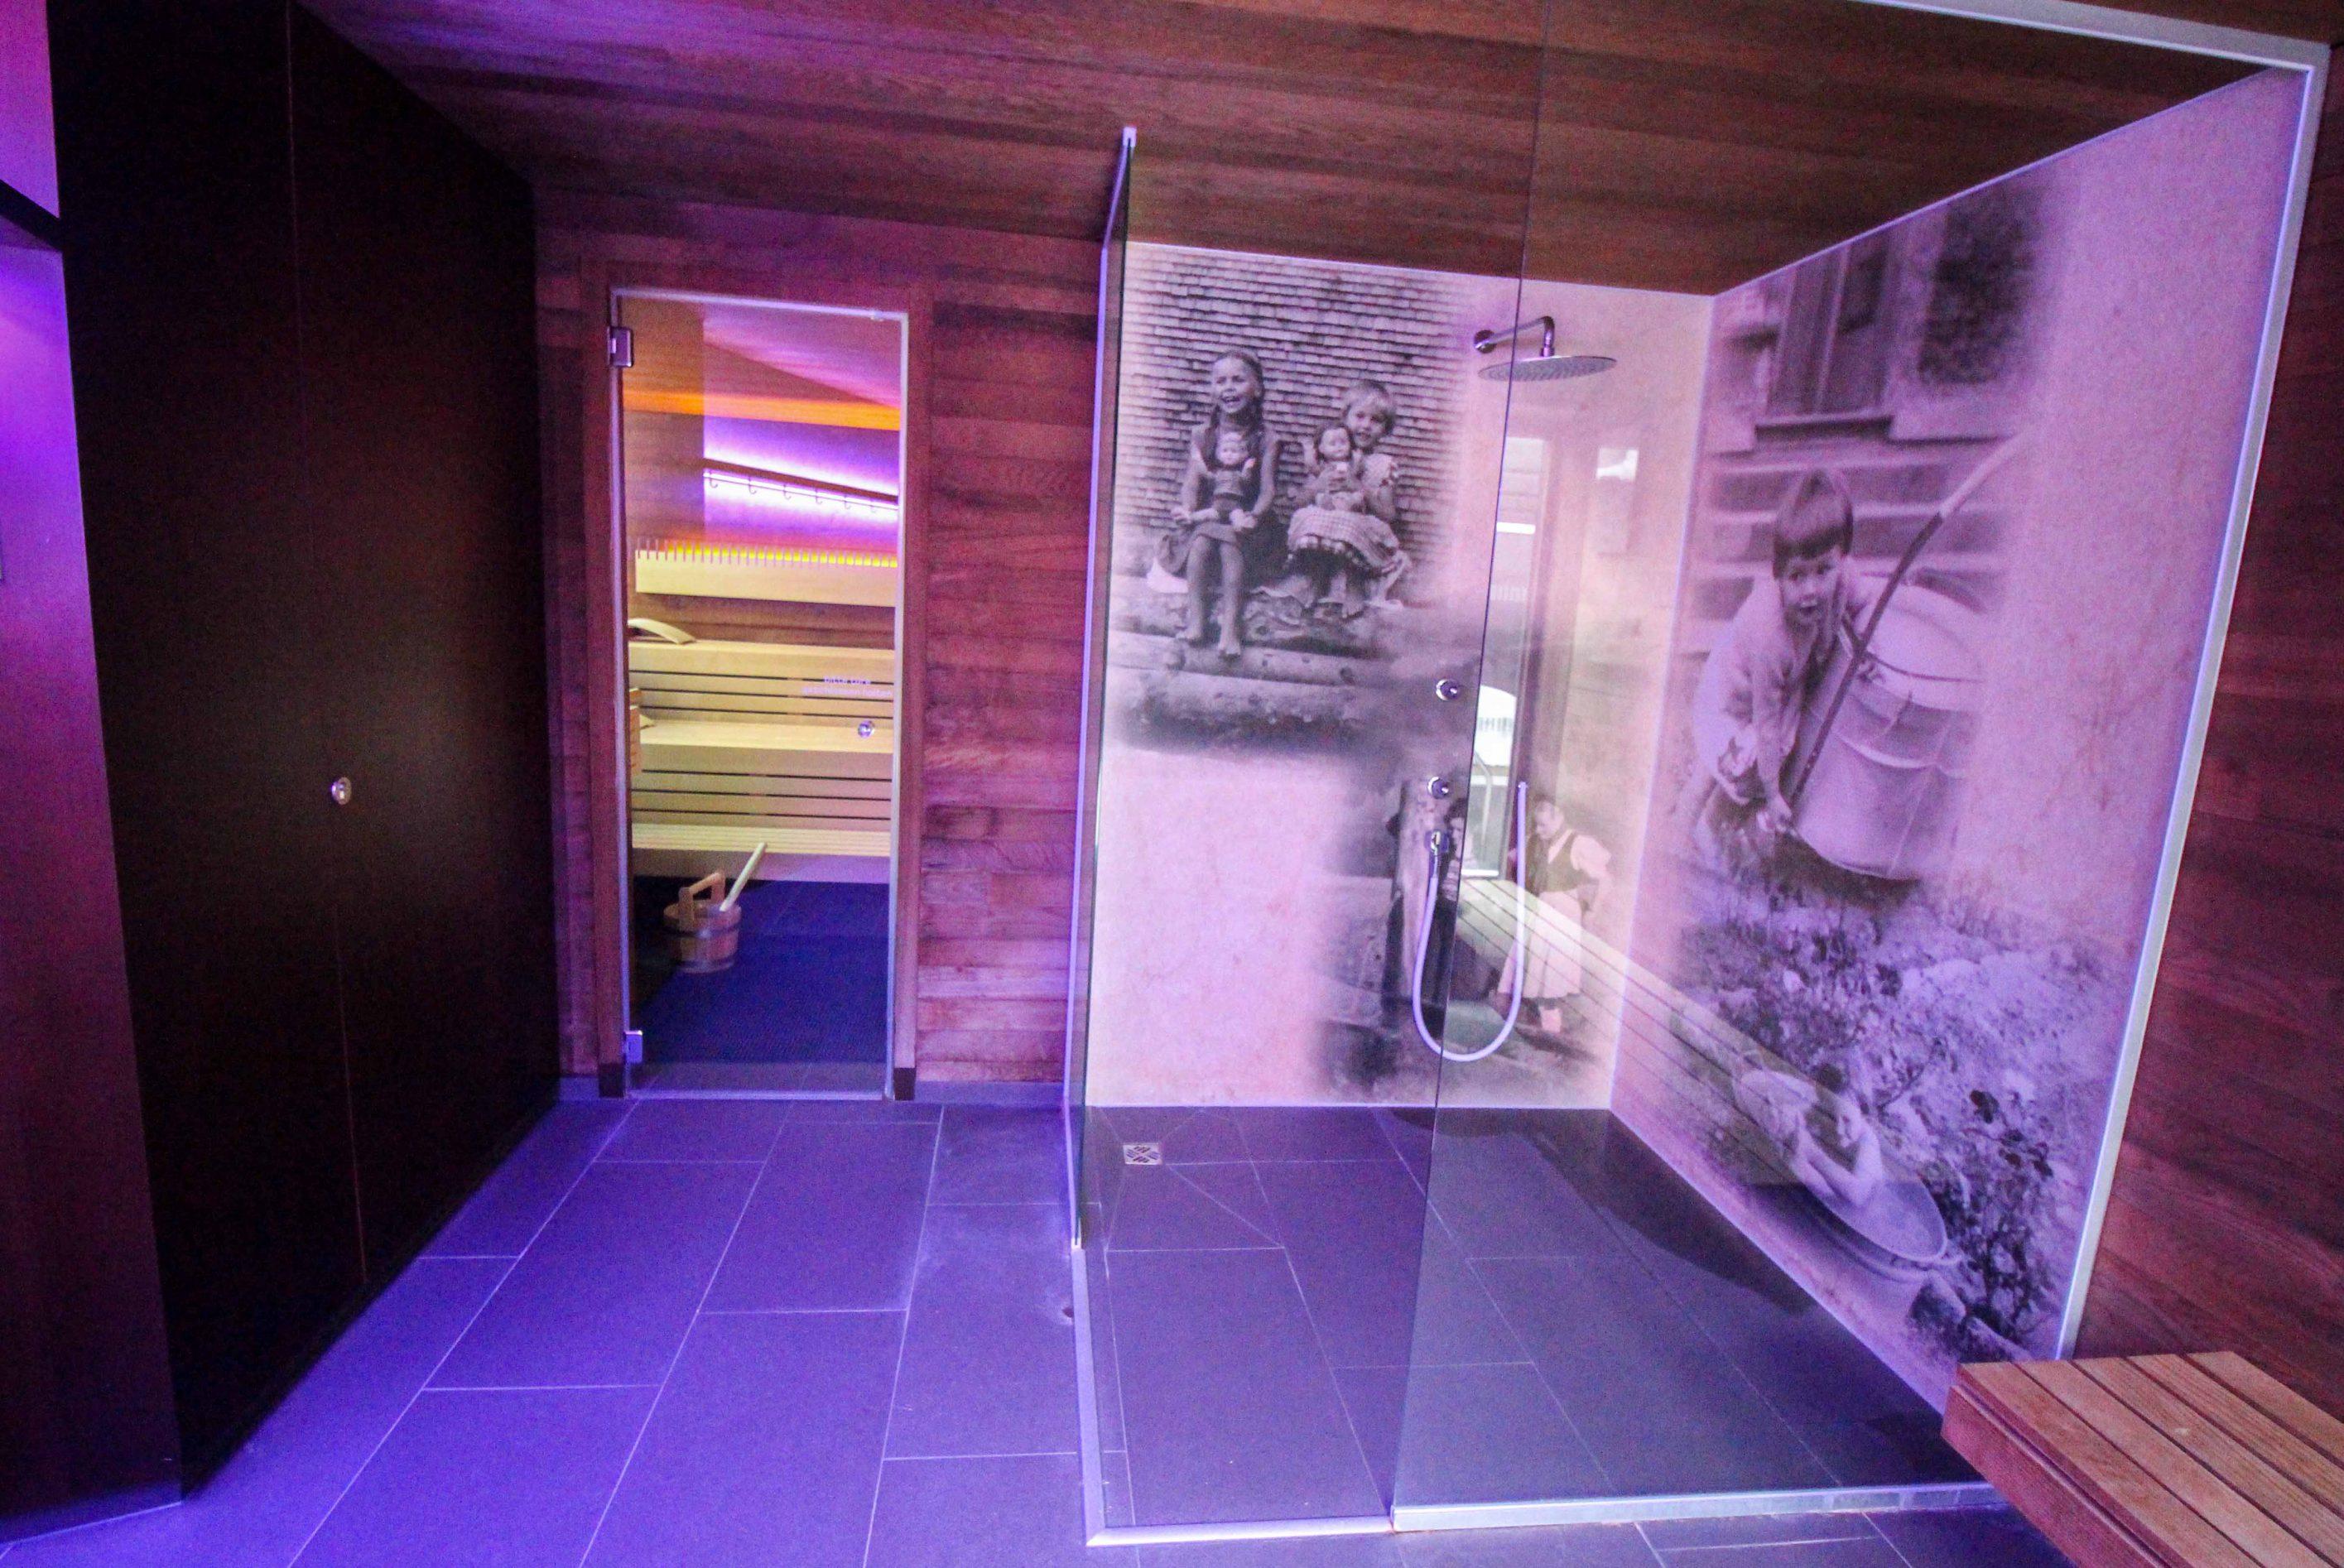 Wellnesswochenende Österreich Sonne Lifestyle Resort Mellau Wellnesshotel Bregenzerwald Wellnessbereich Saunahaus Dusche Reiseblog